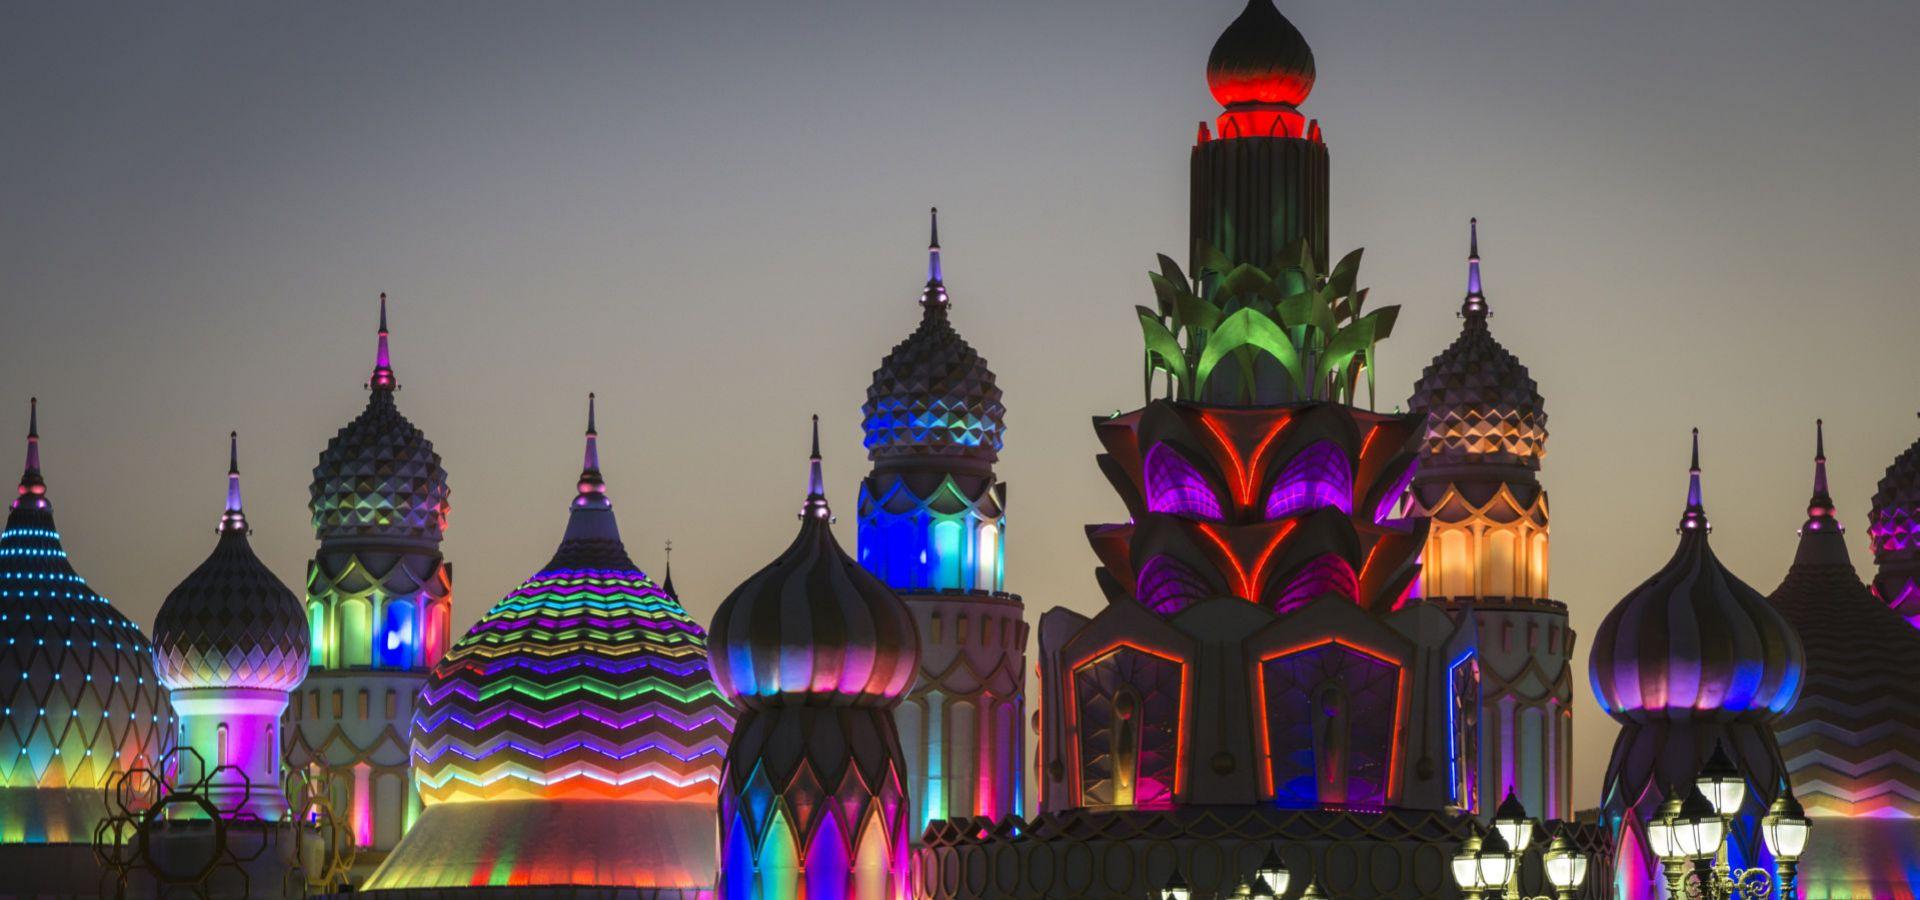 اهم الانشطة السياحية فى القرية العالمية في دبي | القريه العالميه فى دبى الامارات